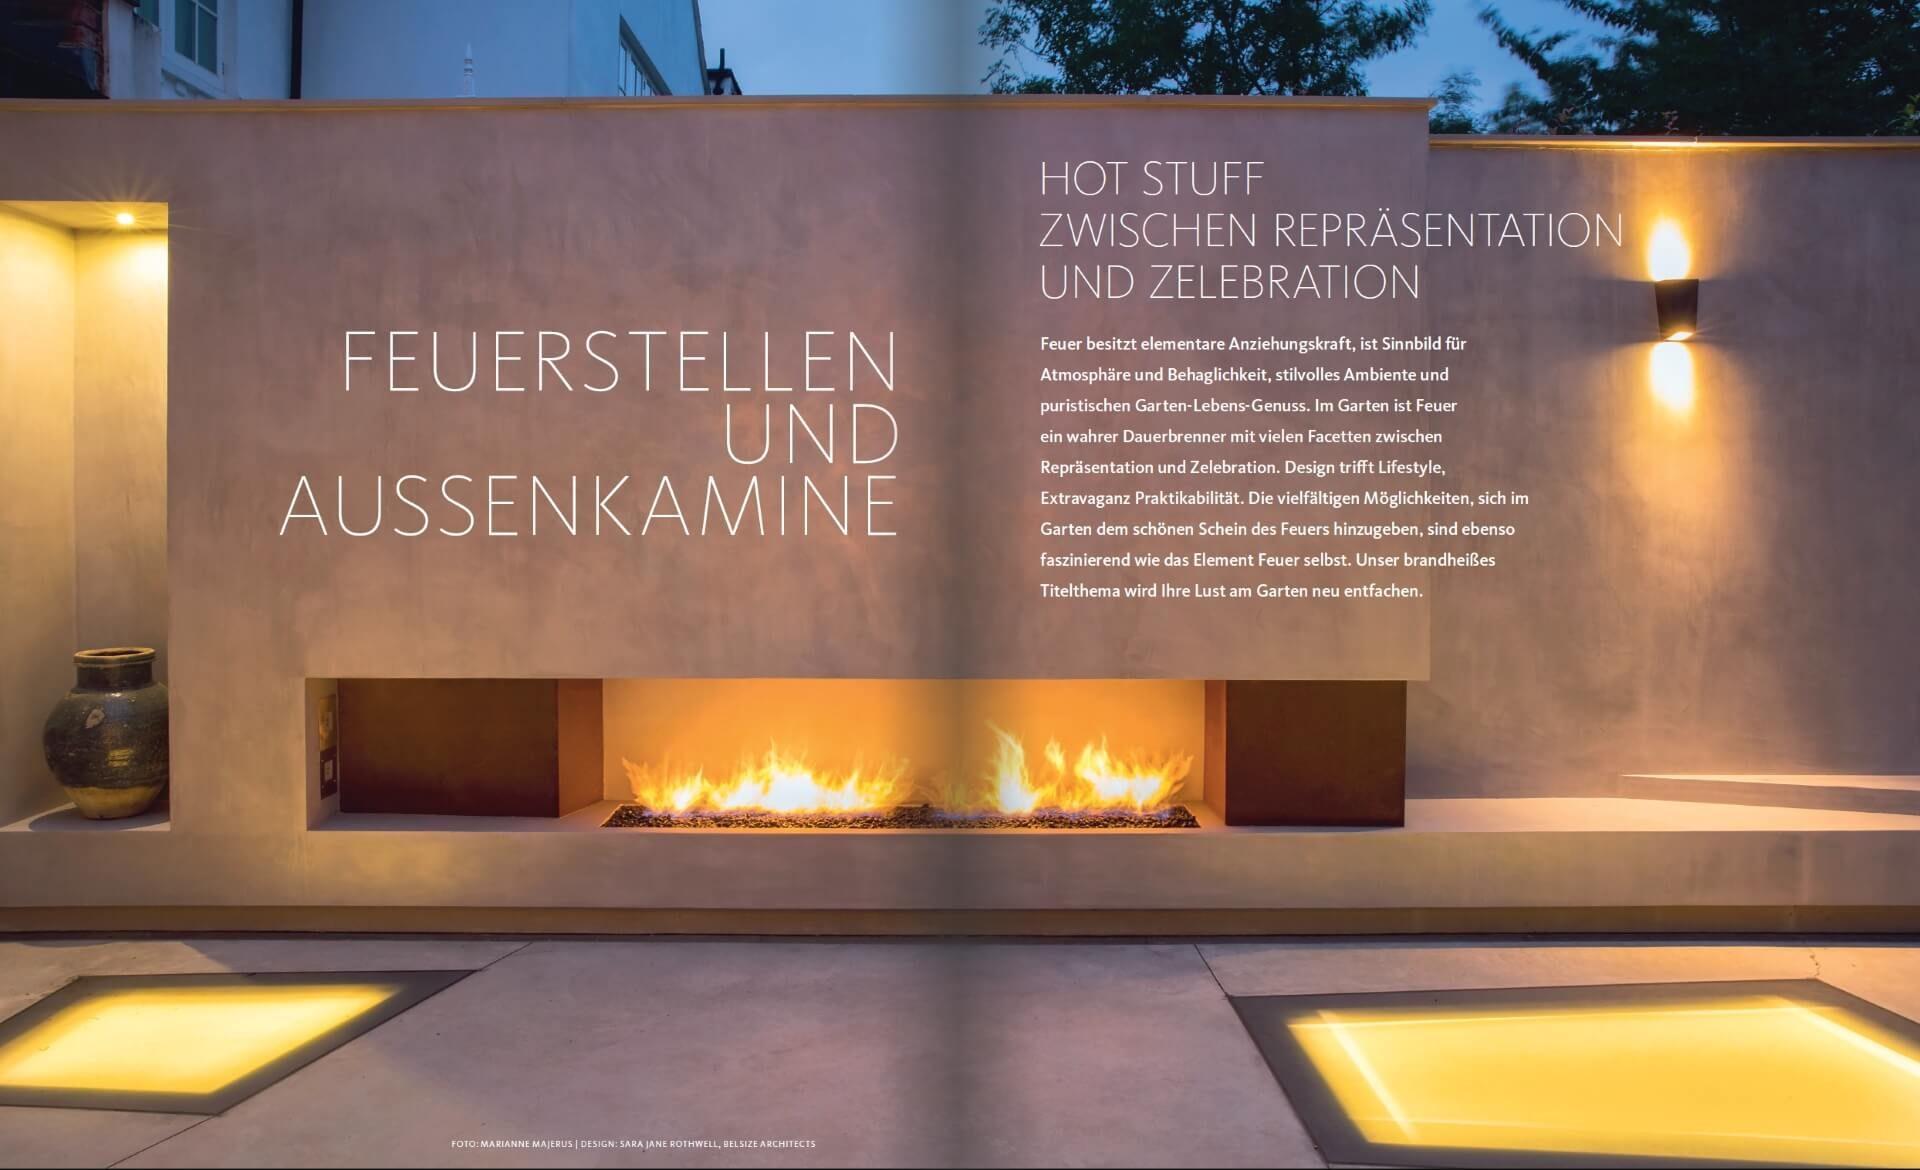 GARTENDESIGN INSPIRATION 2/2018: Feuerstellen und Aussenkamine